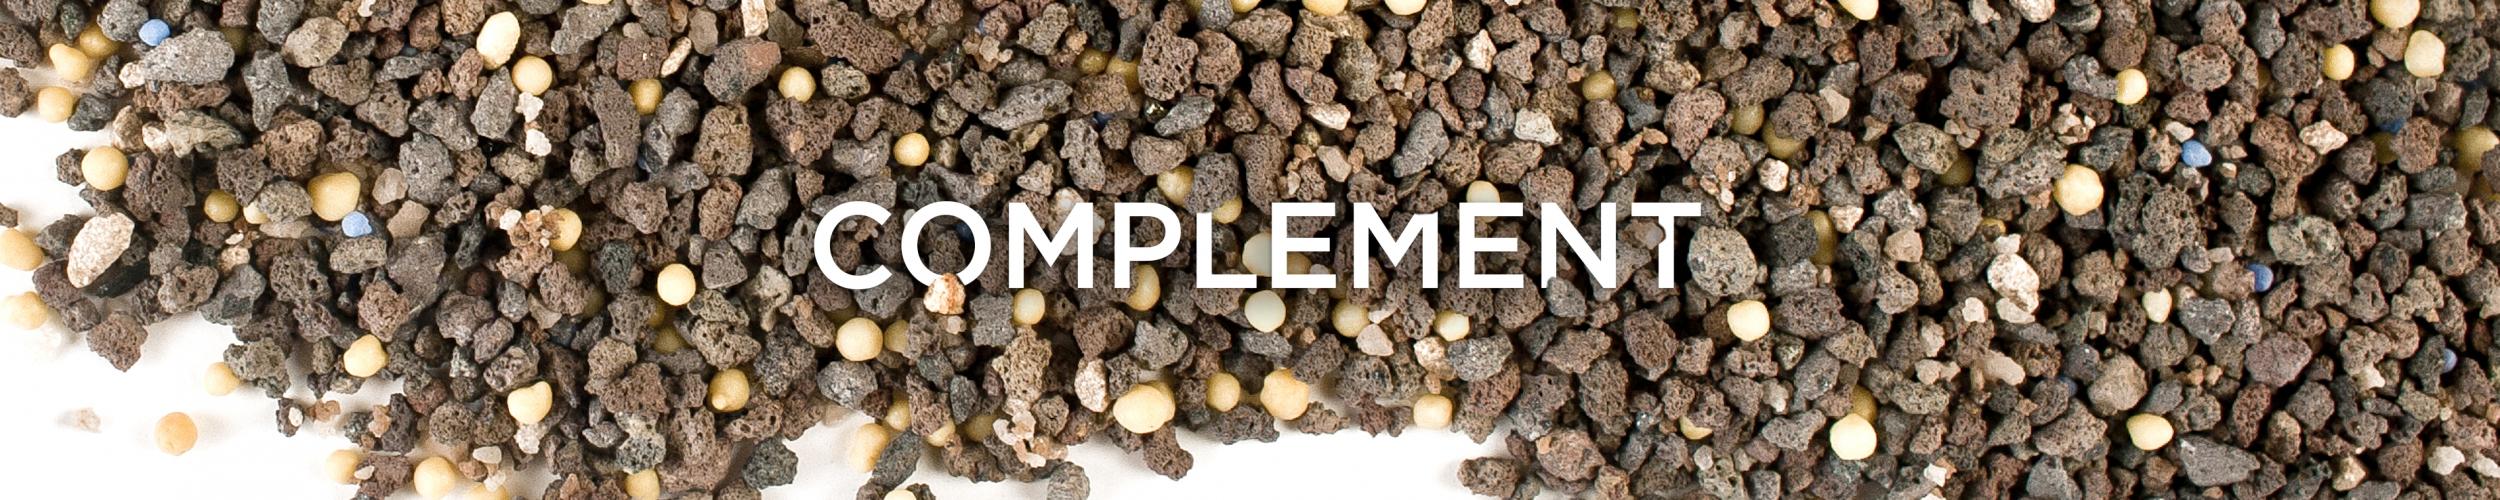 TerraCottem Complement amendement du sol complémentaire